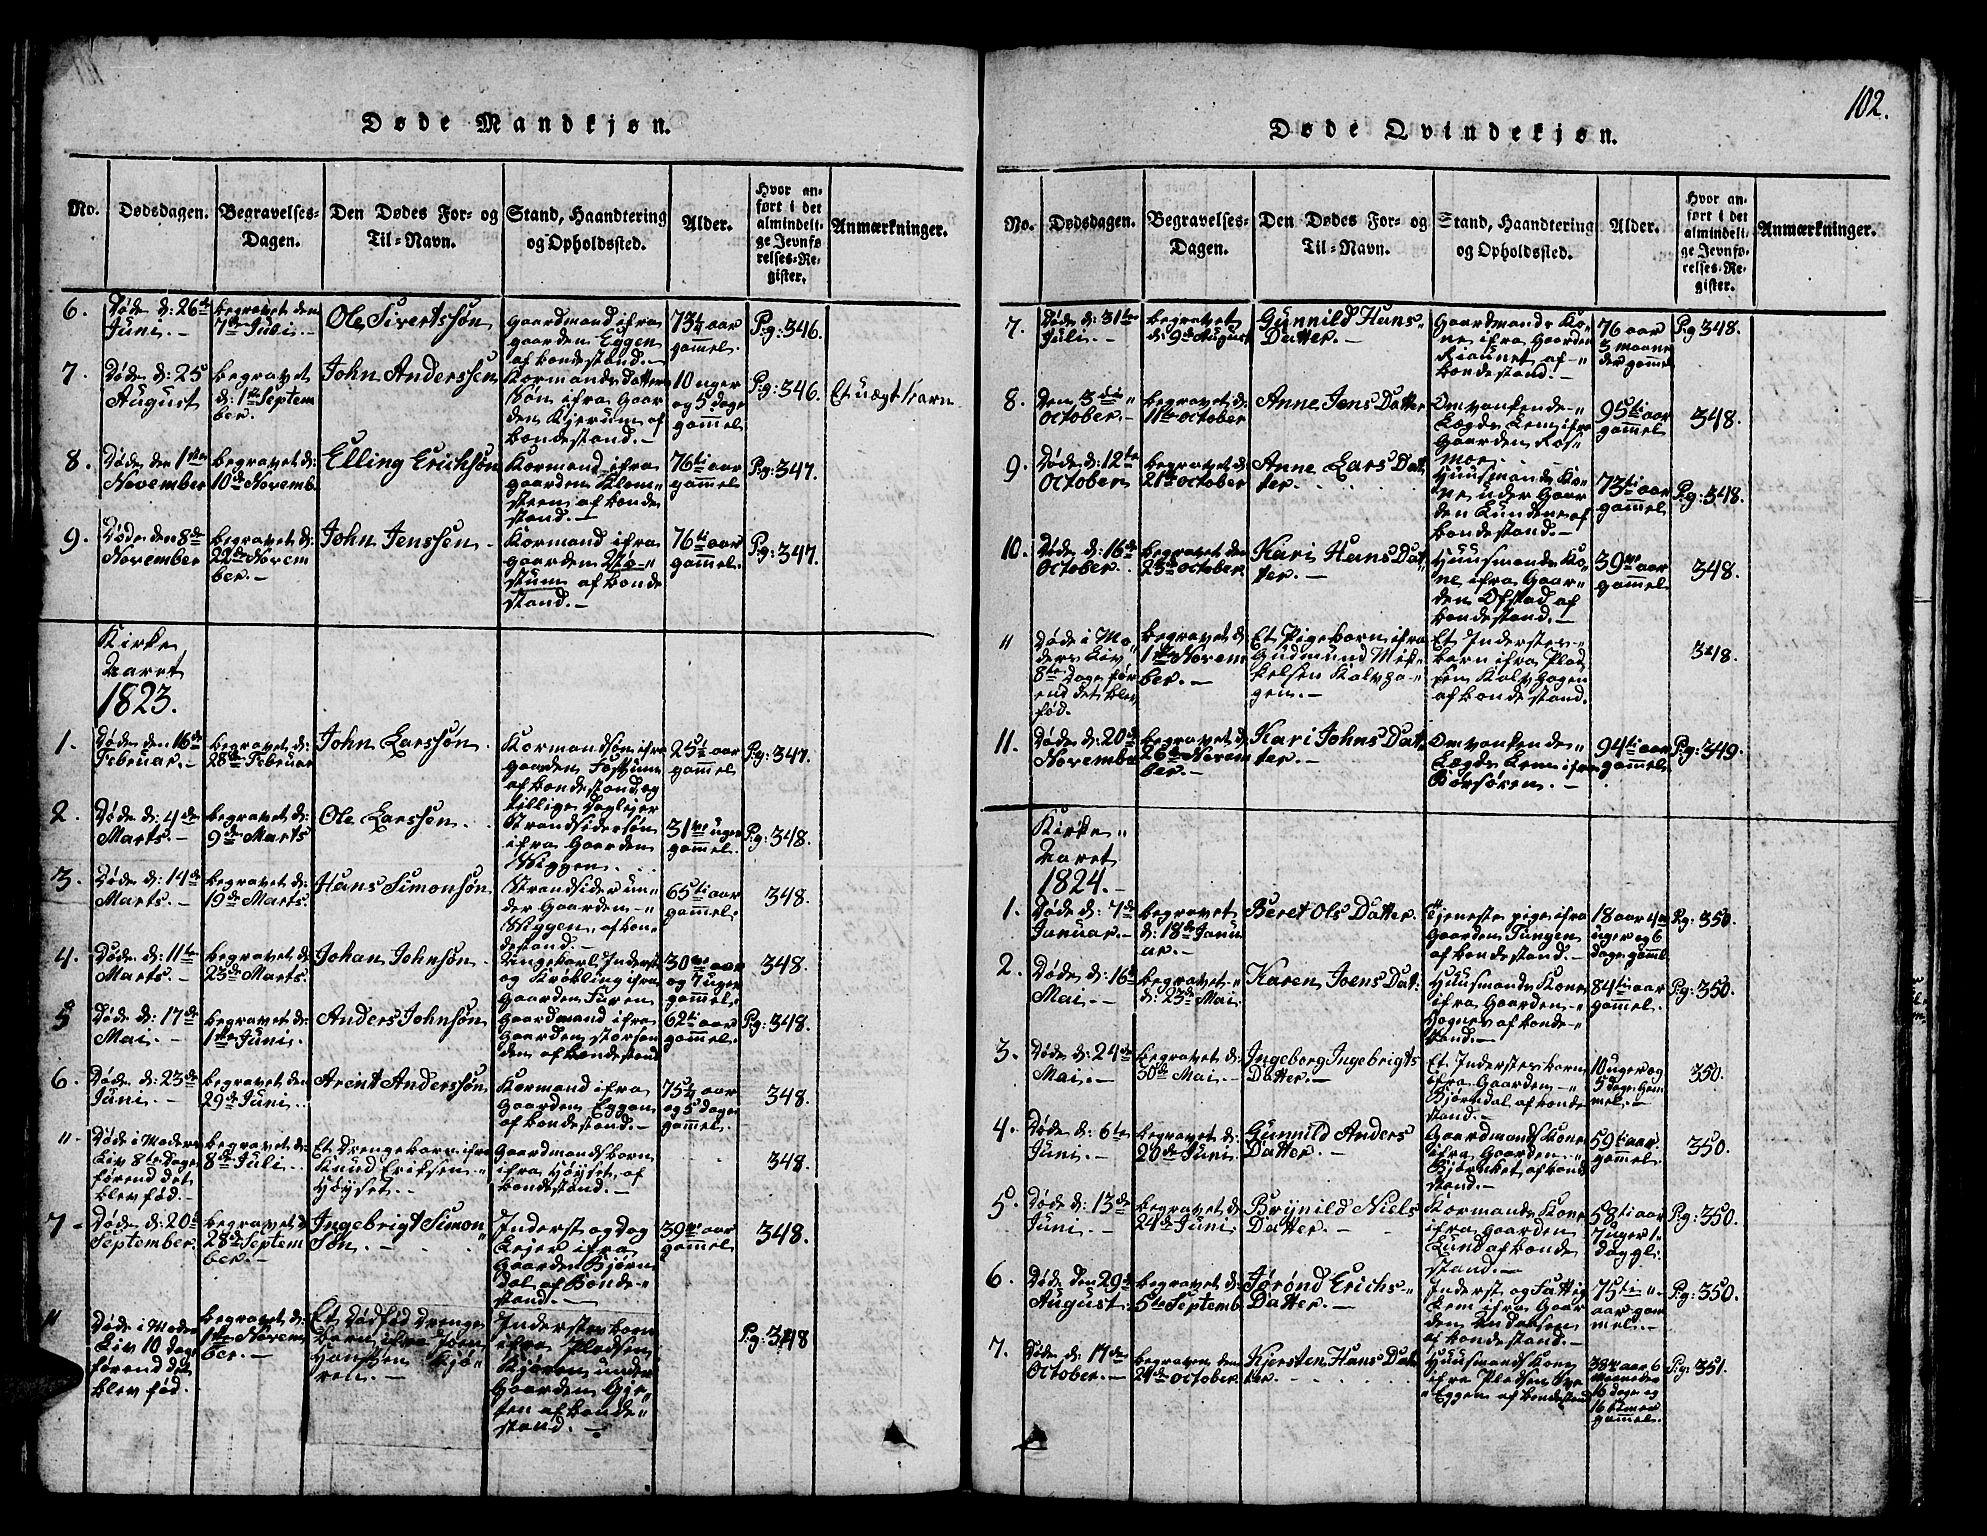 SAT, Ministerialprotokoller, klokkerbøker og fødselsregistre - Sør-Trøndelag, 665/L0776: Klokkerbok nr. 665C01, 1817-1837, s. 102